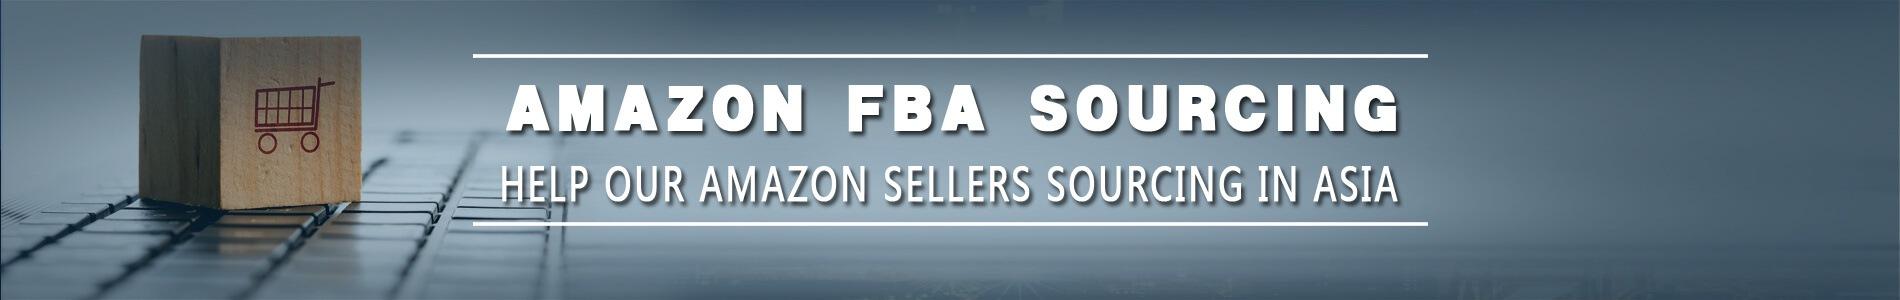 AMAZON FBA Sourcing